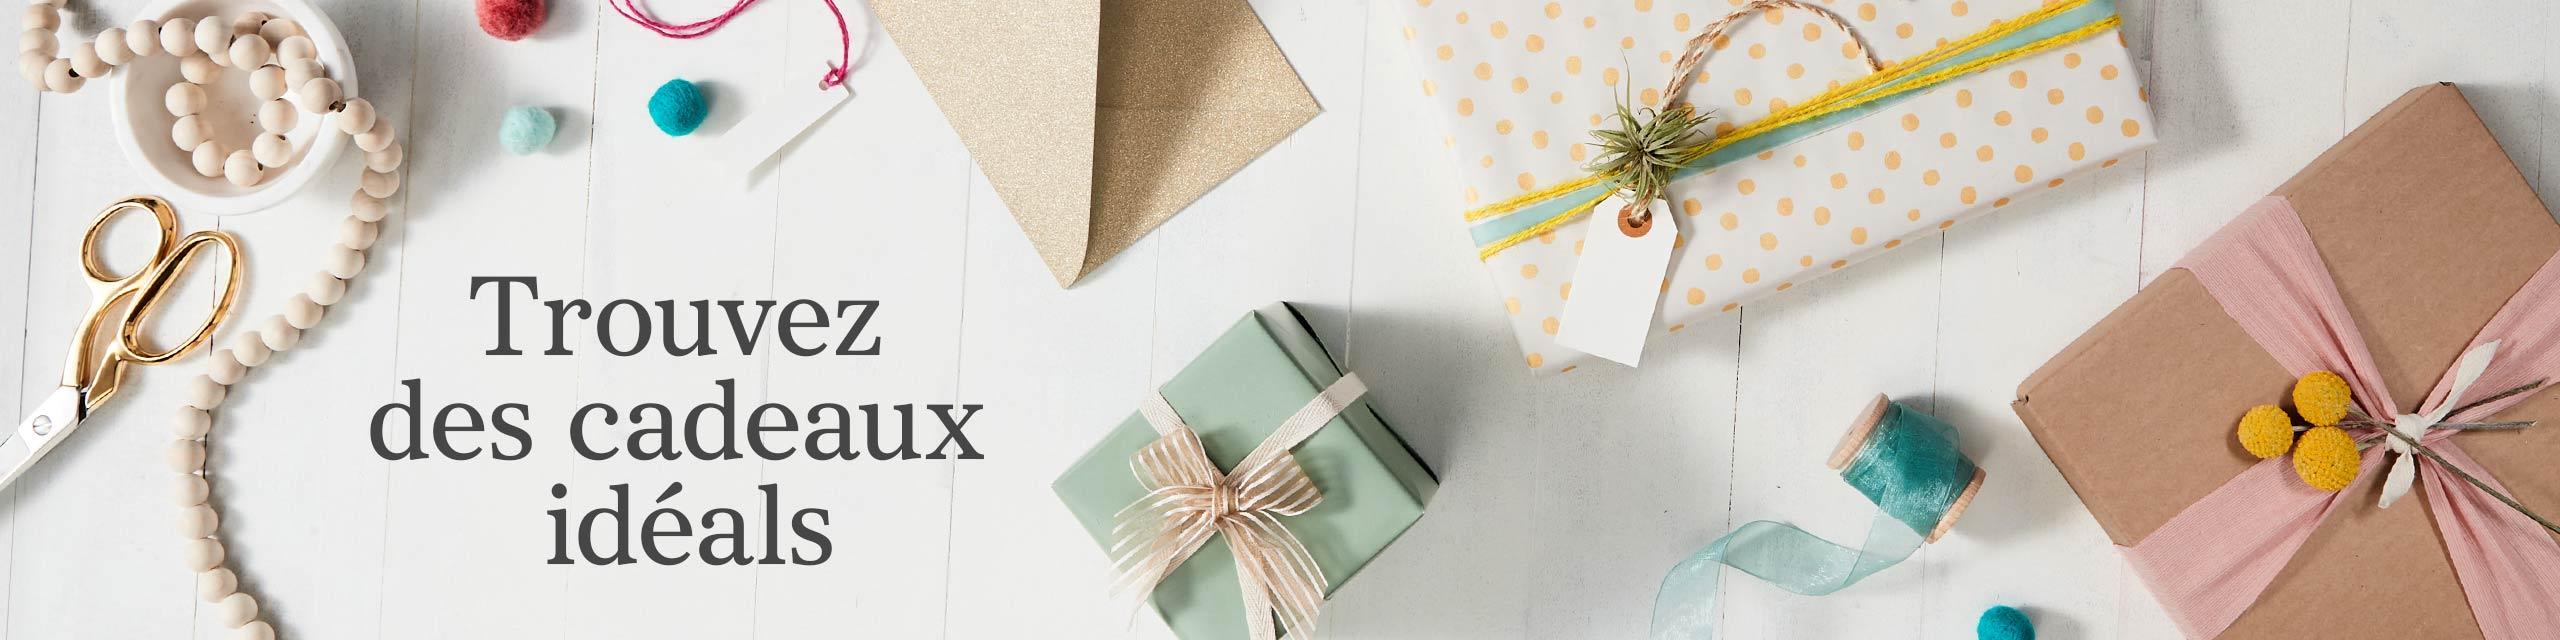 Fait pour vous Trouvez des cadeaux et décorations idéales